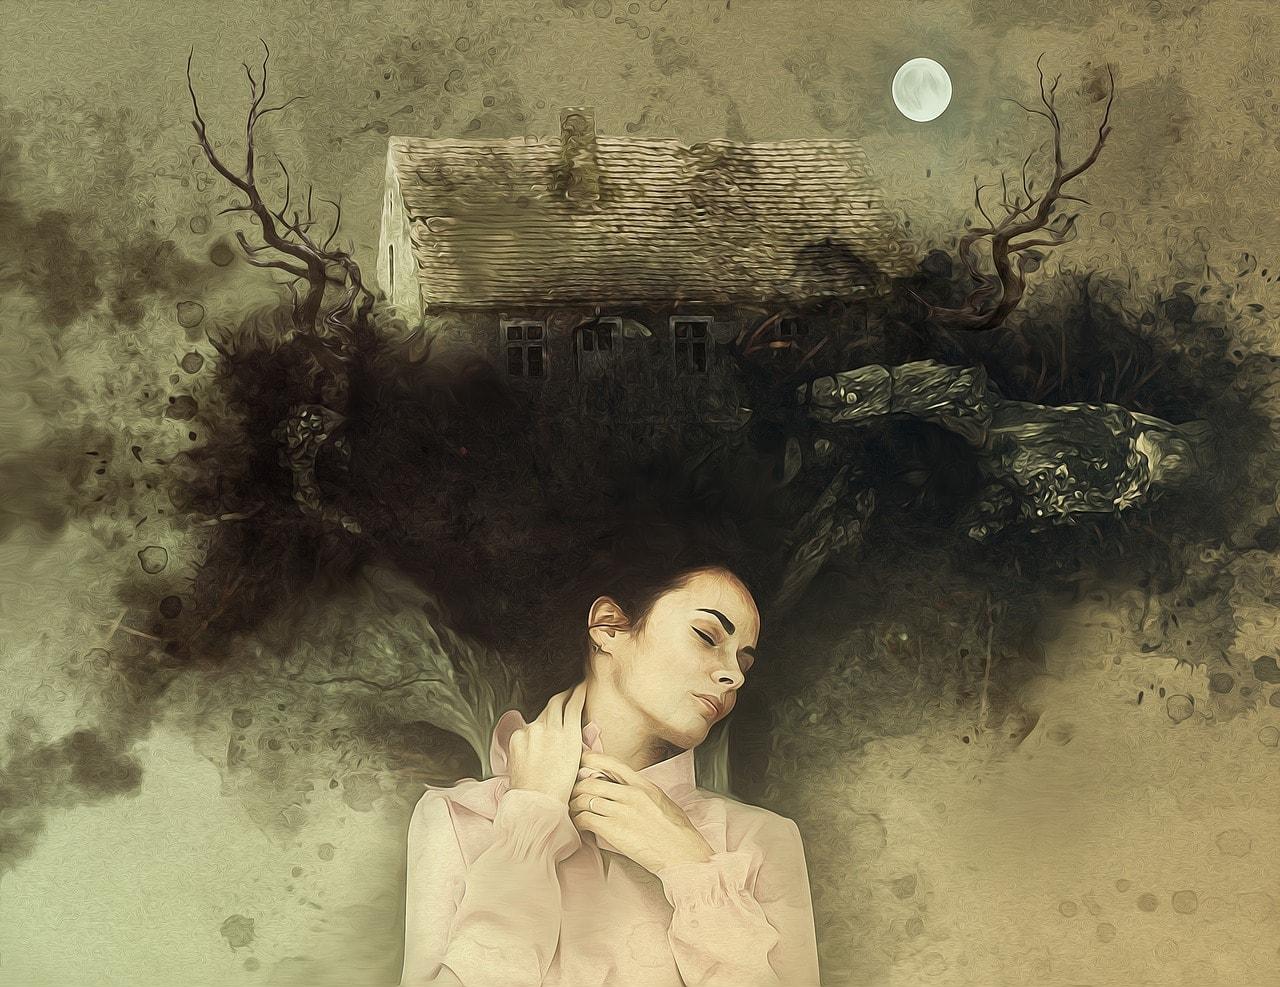 Ilustración de mujer pensando en vivienda maldita